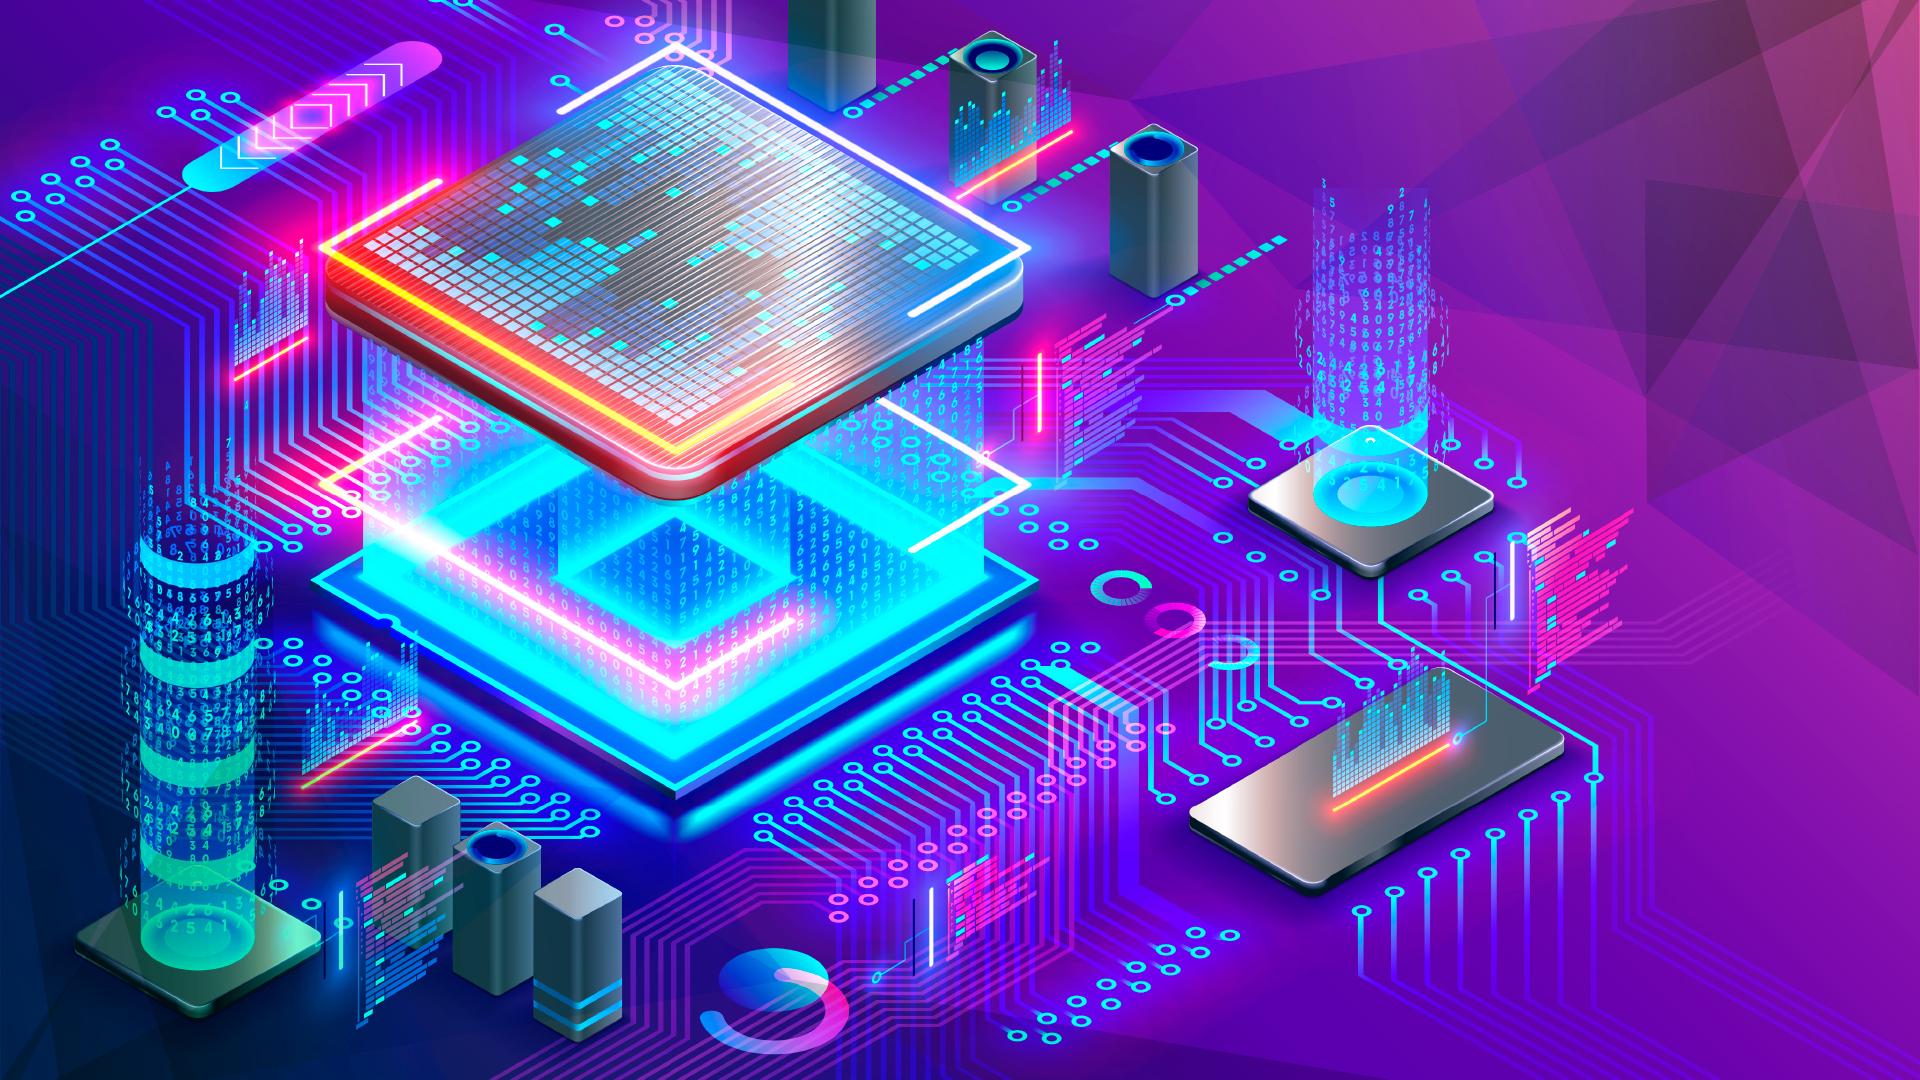 Prozessor, Cpu, Chip, SoC, Hardware, Gpu, Prozessoren, Ki, Künstliche Intelligenz, Chips, AI, Artificial Intelligence, Nanometer, System On Chip, Komponenten